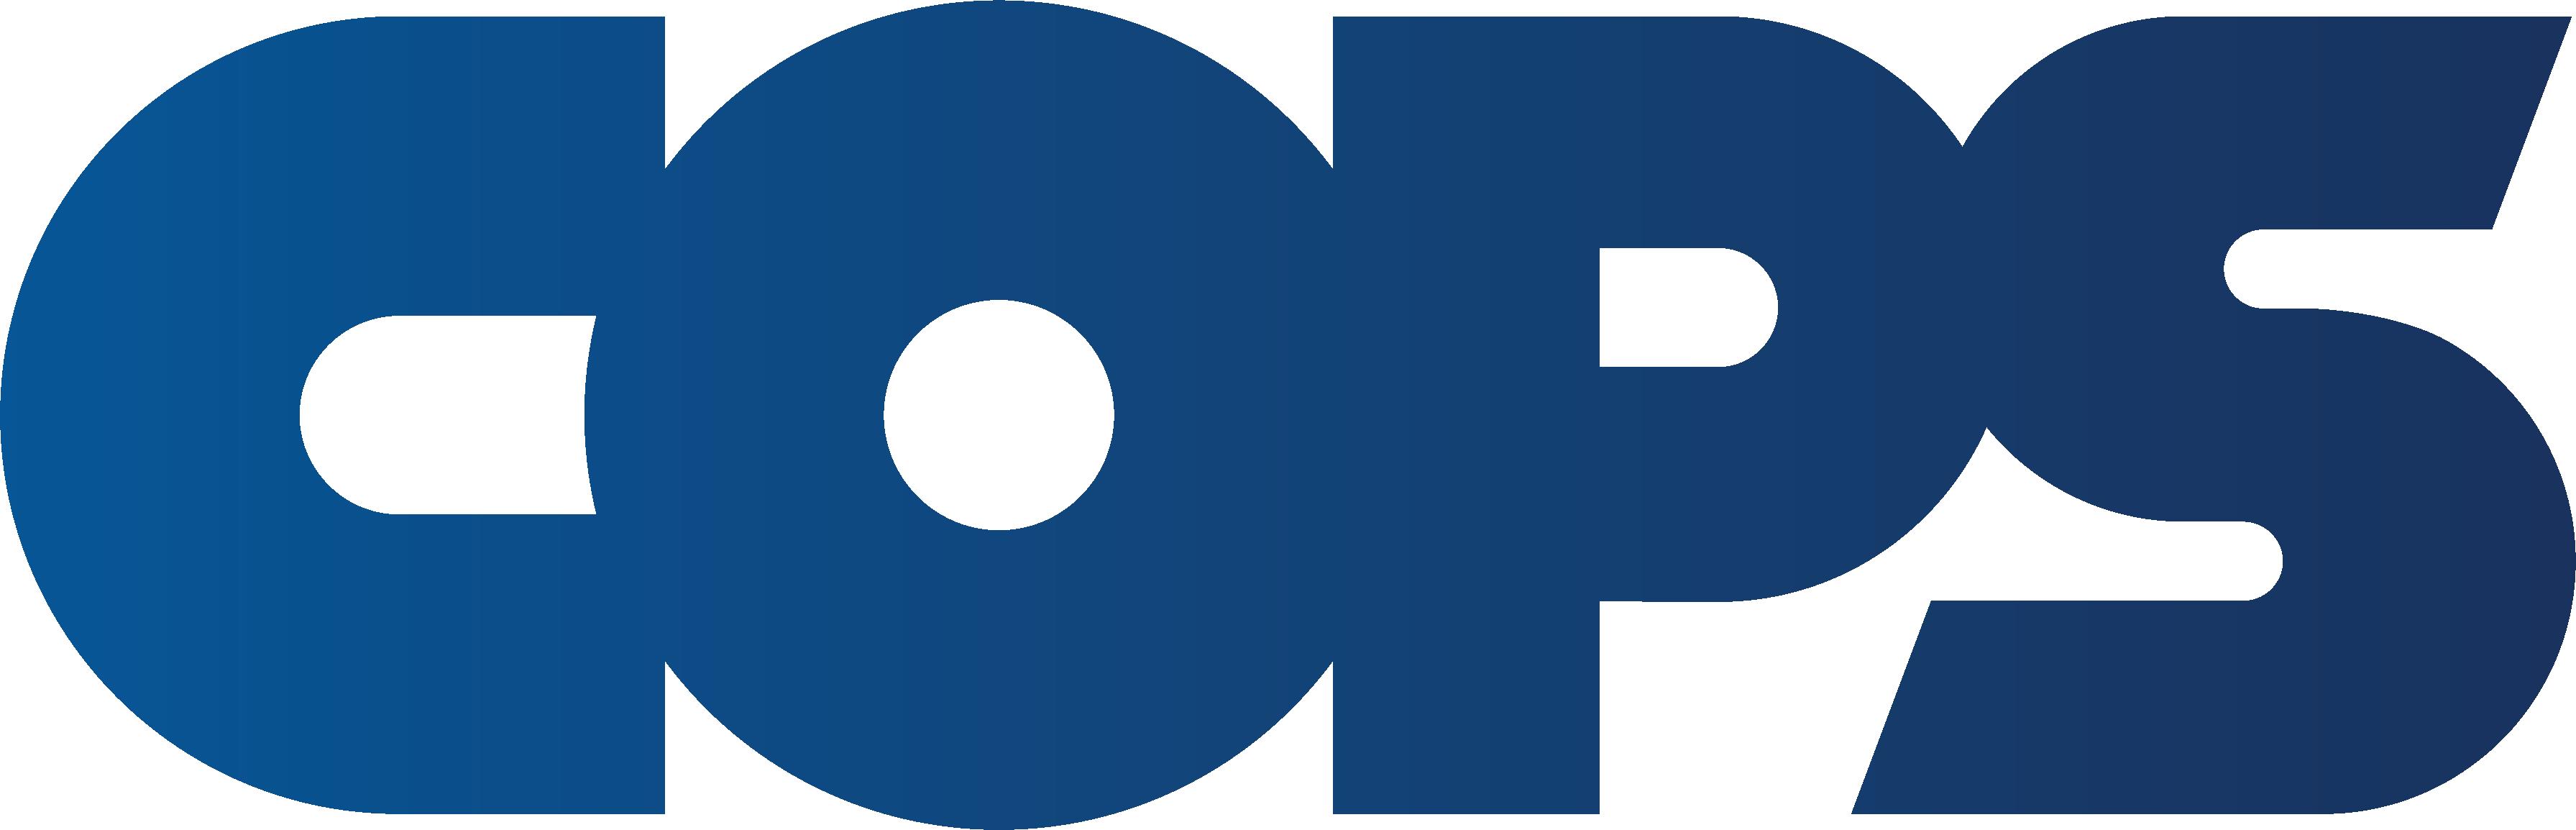 COPS logo - contact